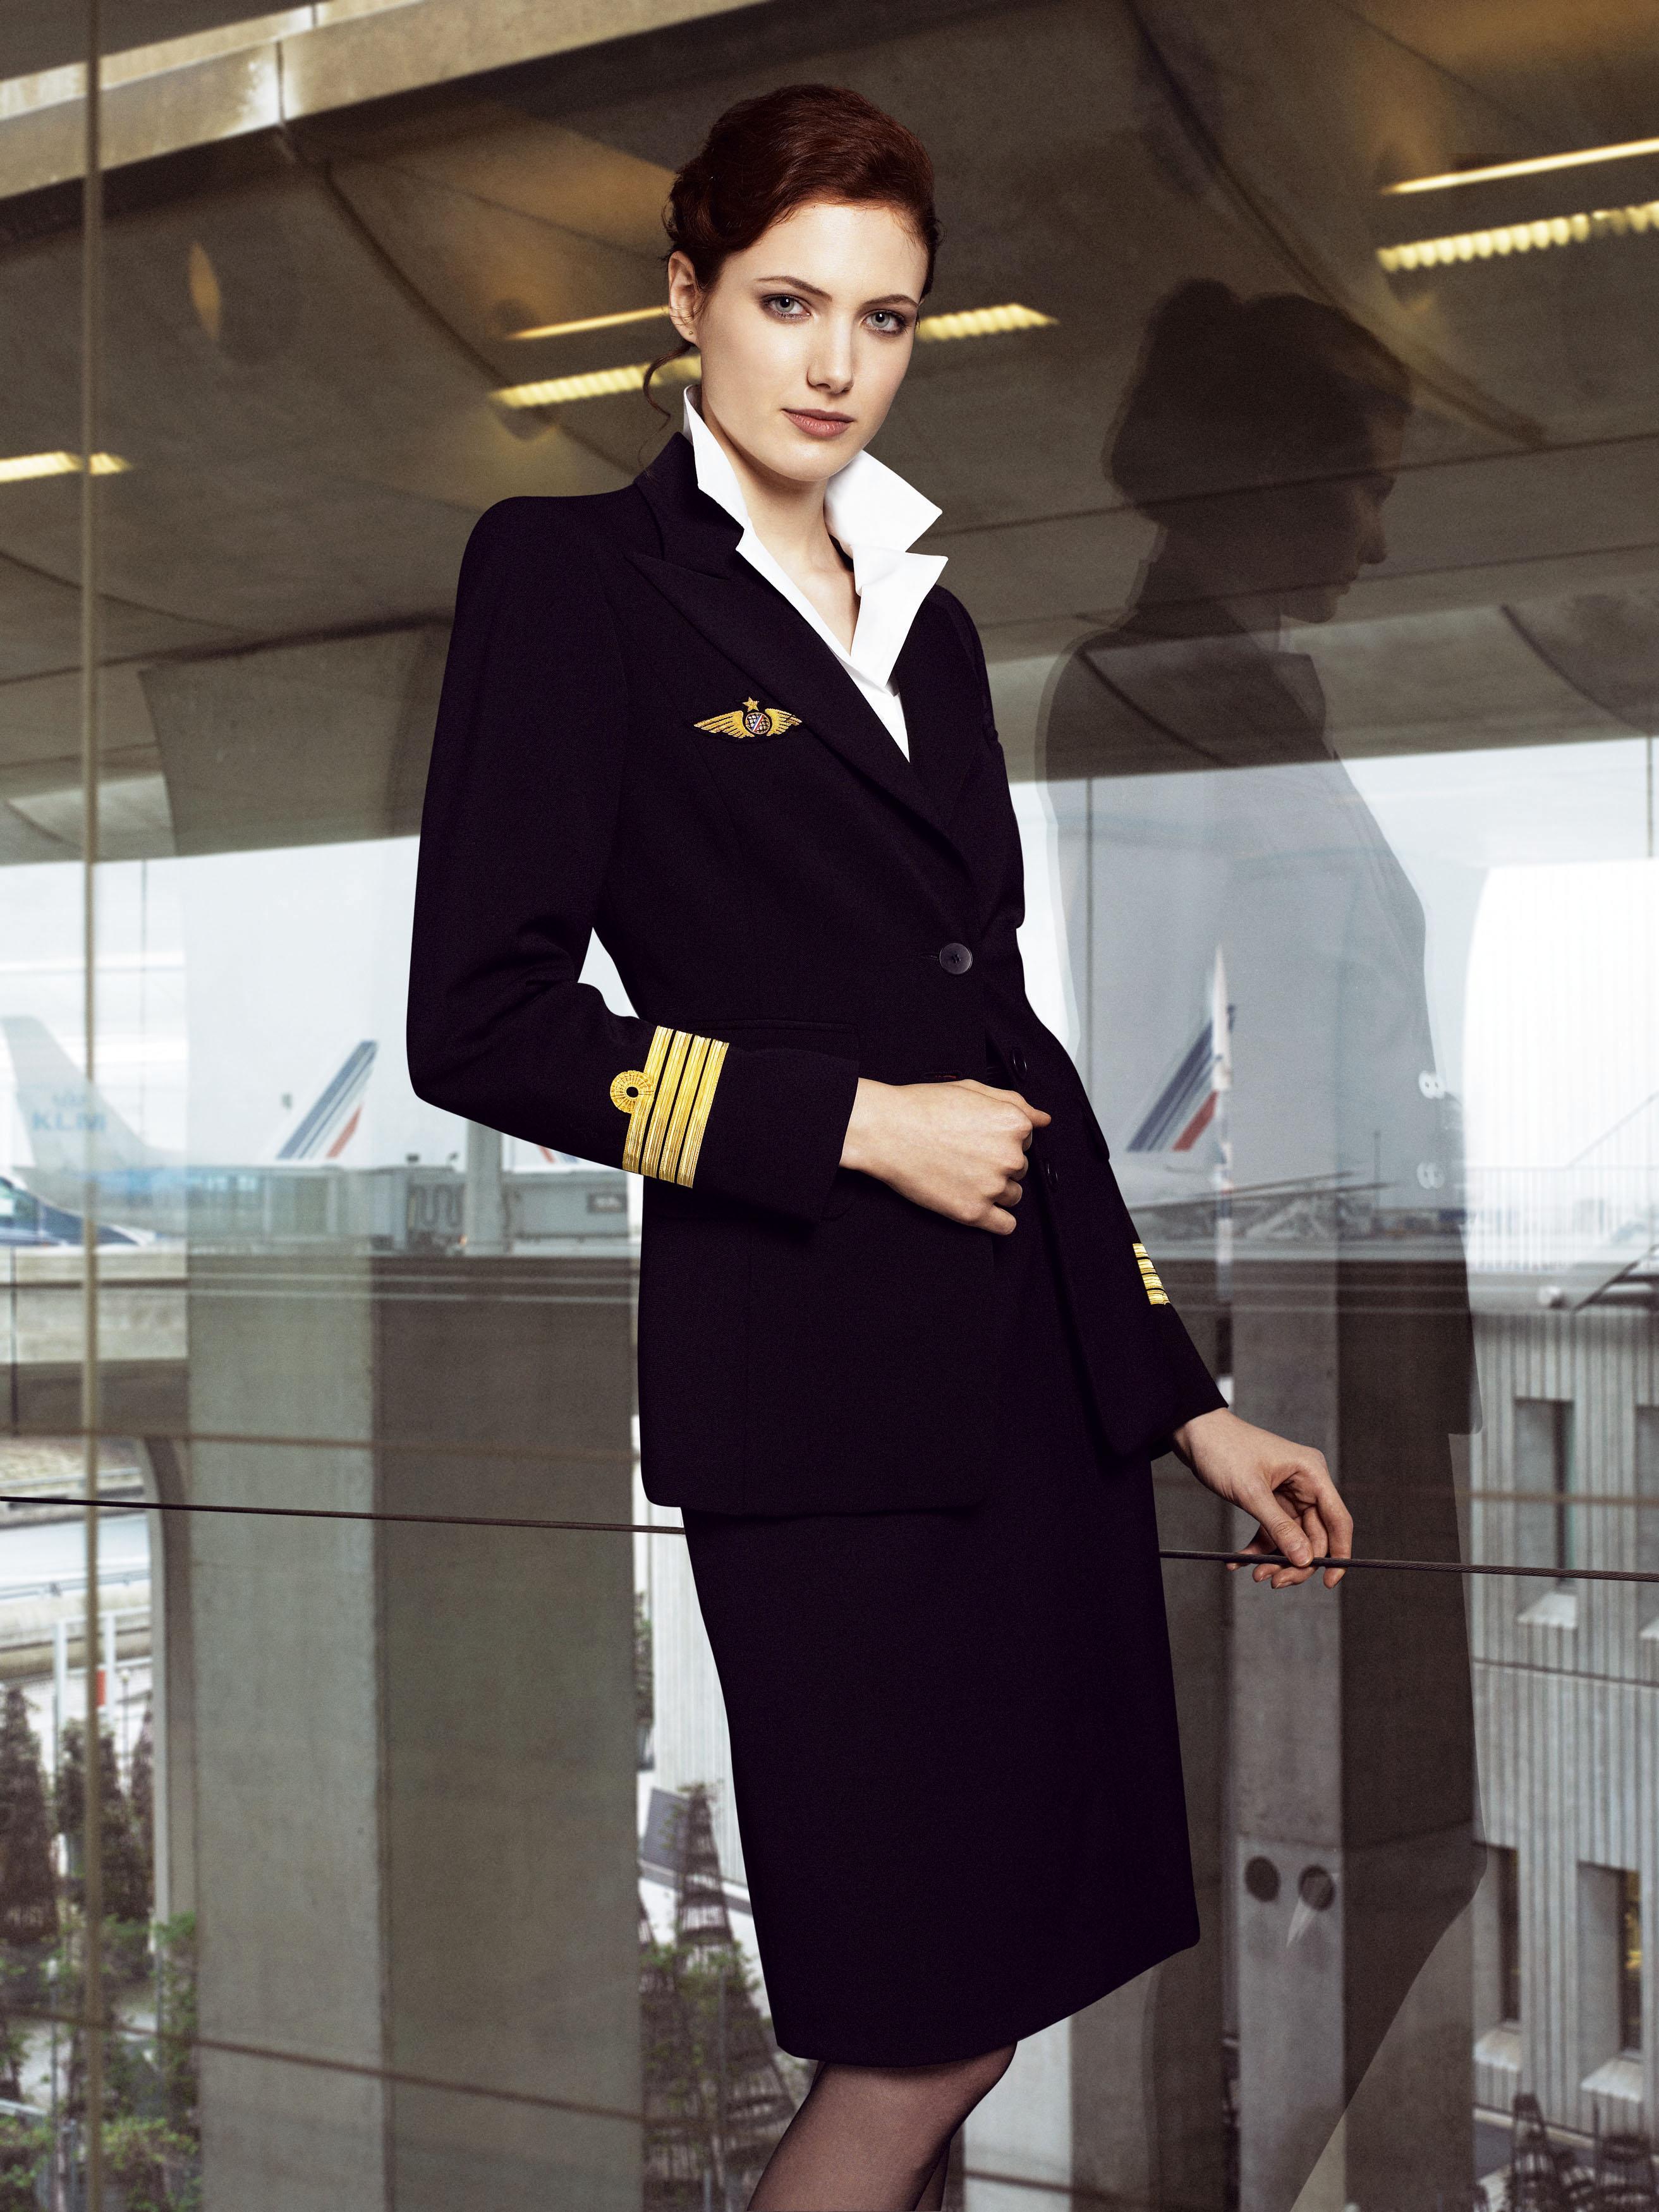 Фото брюнетки стюардессы 15 фотография